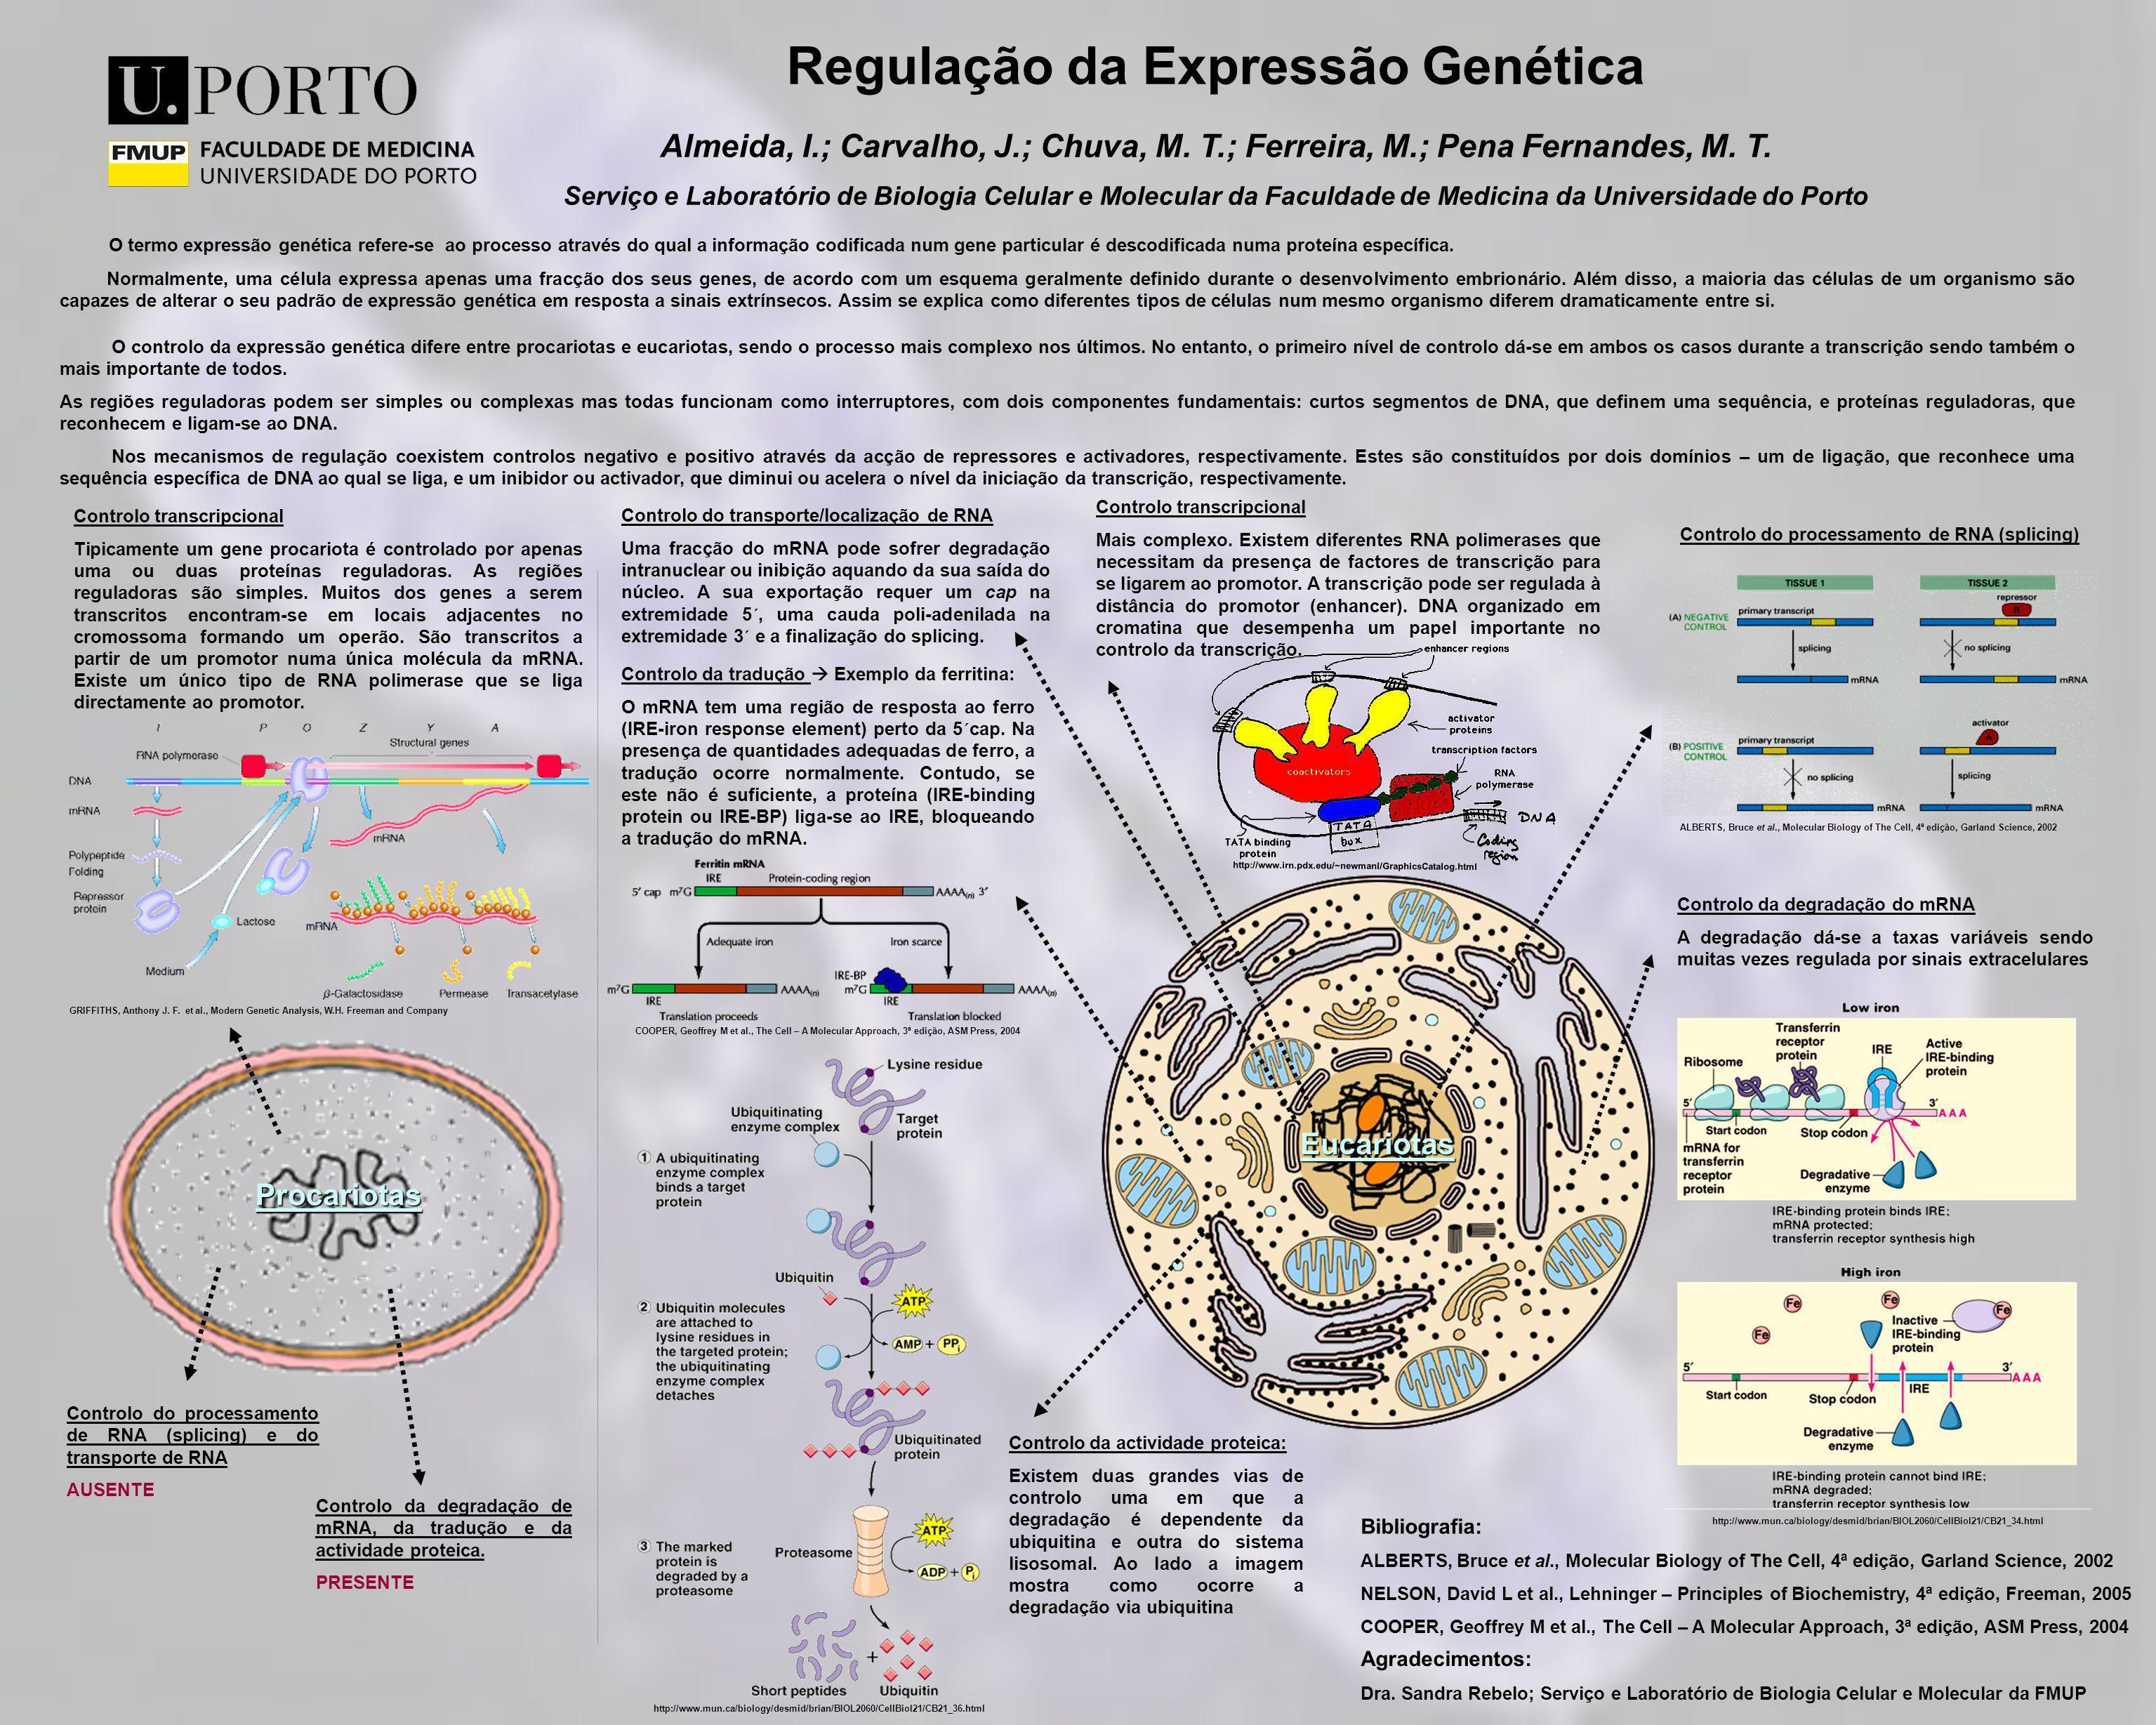 Regulação da Expressão Genética Almeida, I.; Carvalho, J.; Chuva, M. T.; Ferreira, M.; Pena Fernandes, M. T. Serviço e Laboratório de Biologia Celular